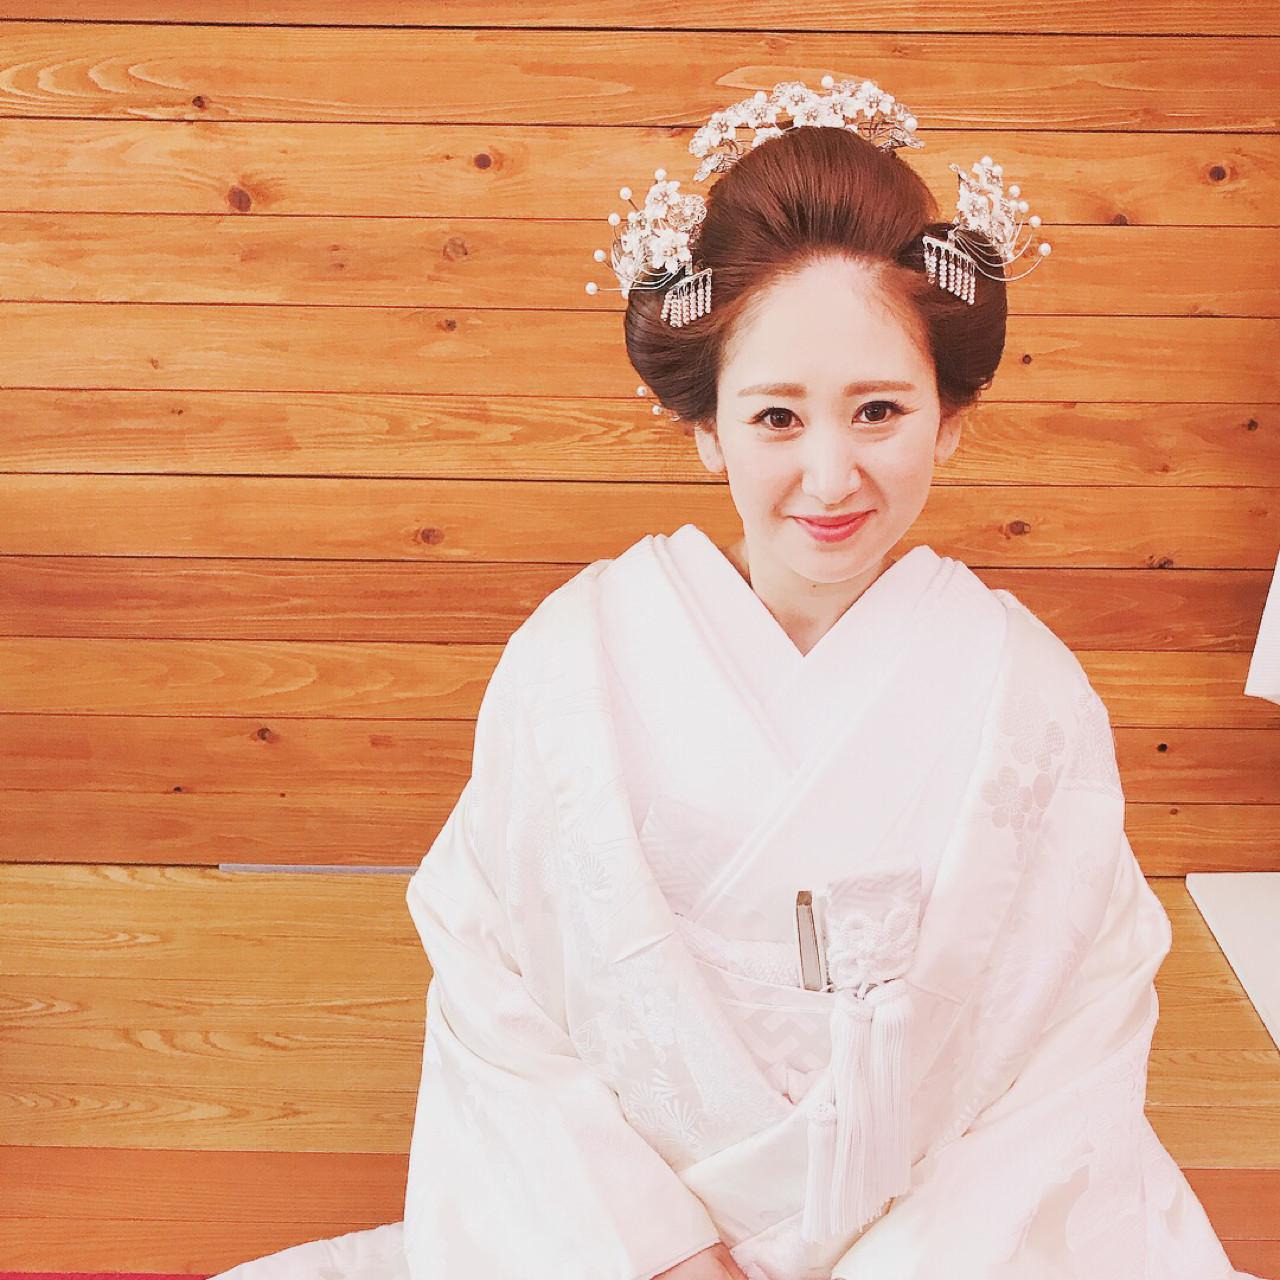 白無垢には伝統的な日本髪 Moriyama Mami